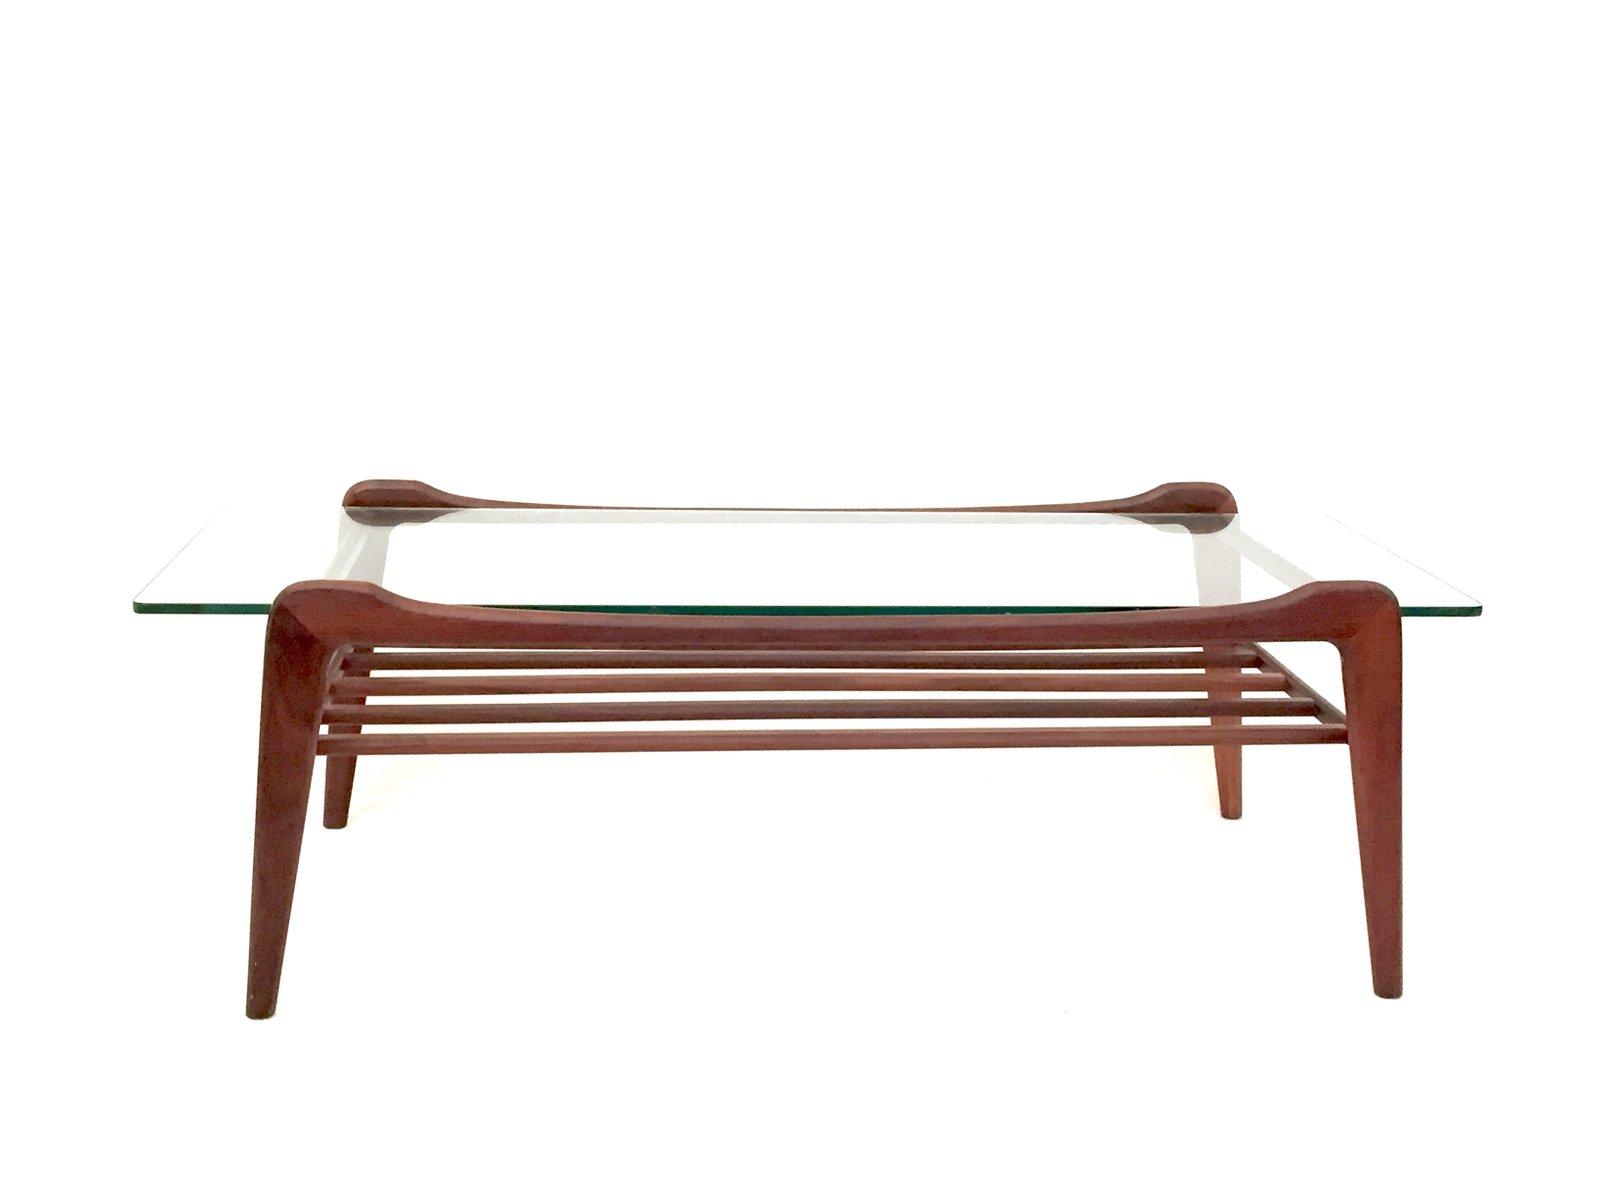 table-basse-vintage-en-teck-et-en-verre-de-g-plan-1970s-1 Luxe De La Redoute Table Basse Scandinave Concept